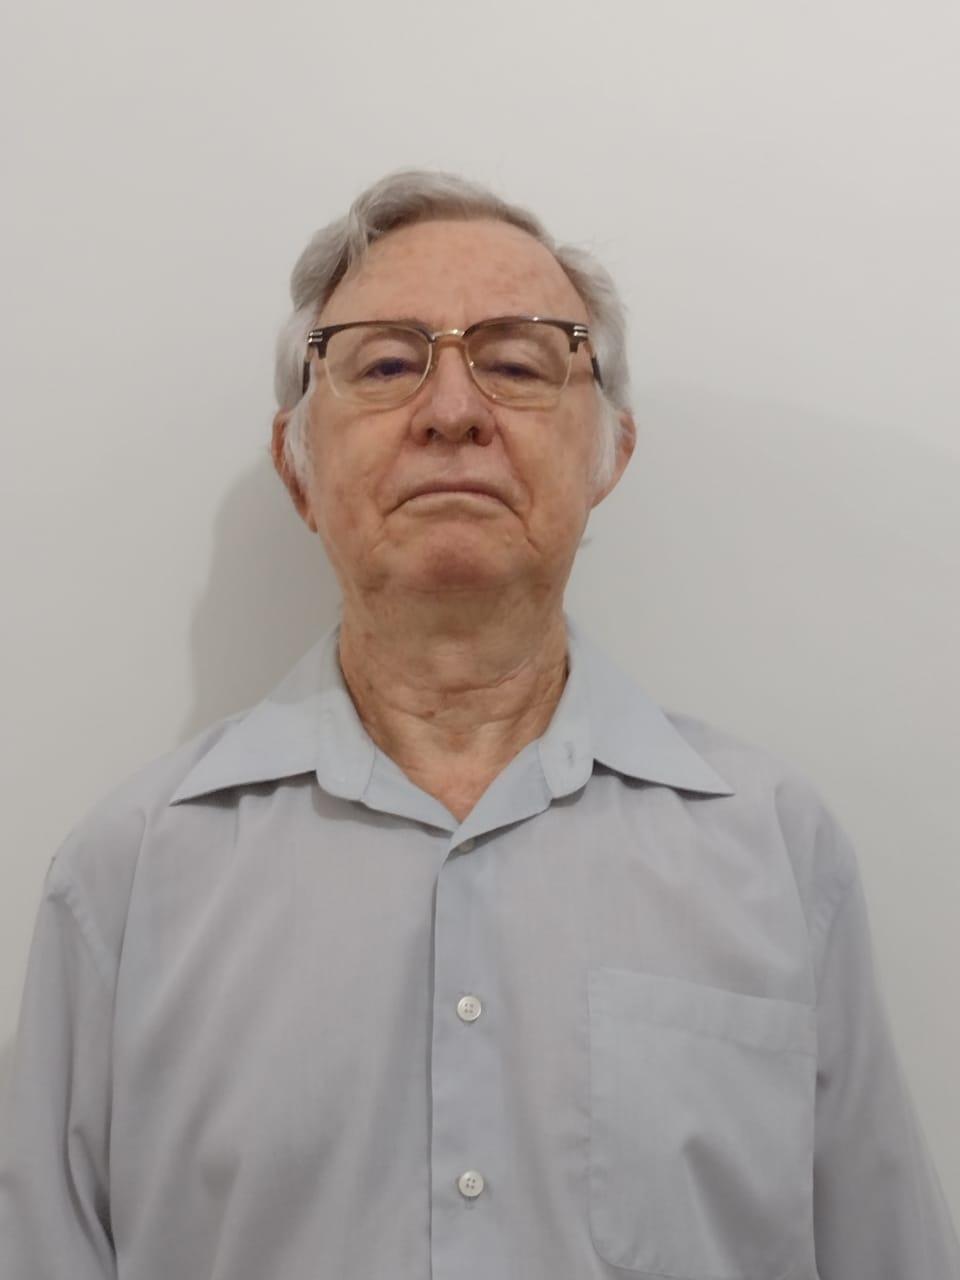 Jose Olimpio Araújo